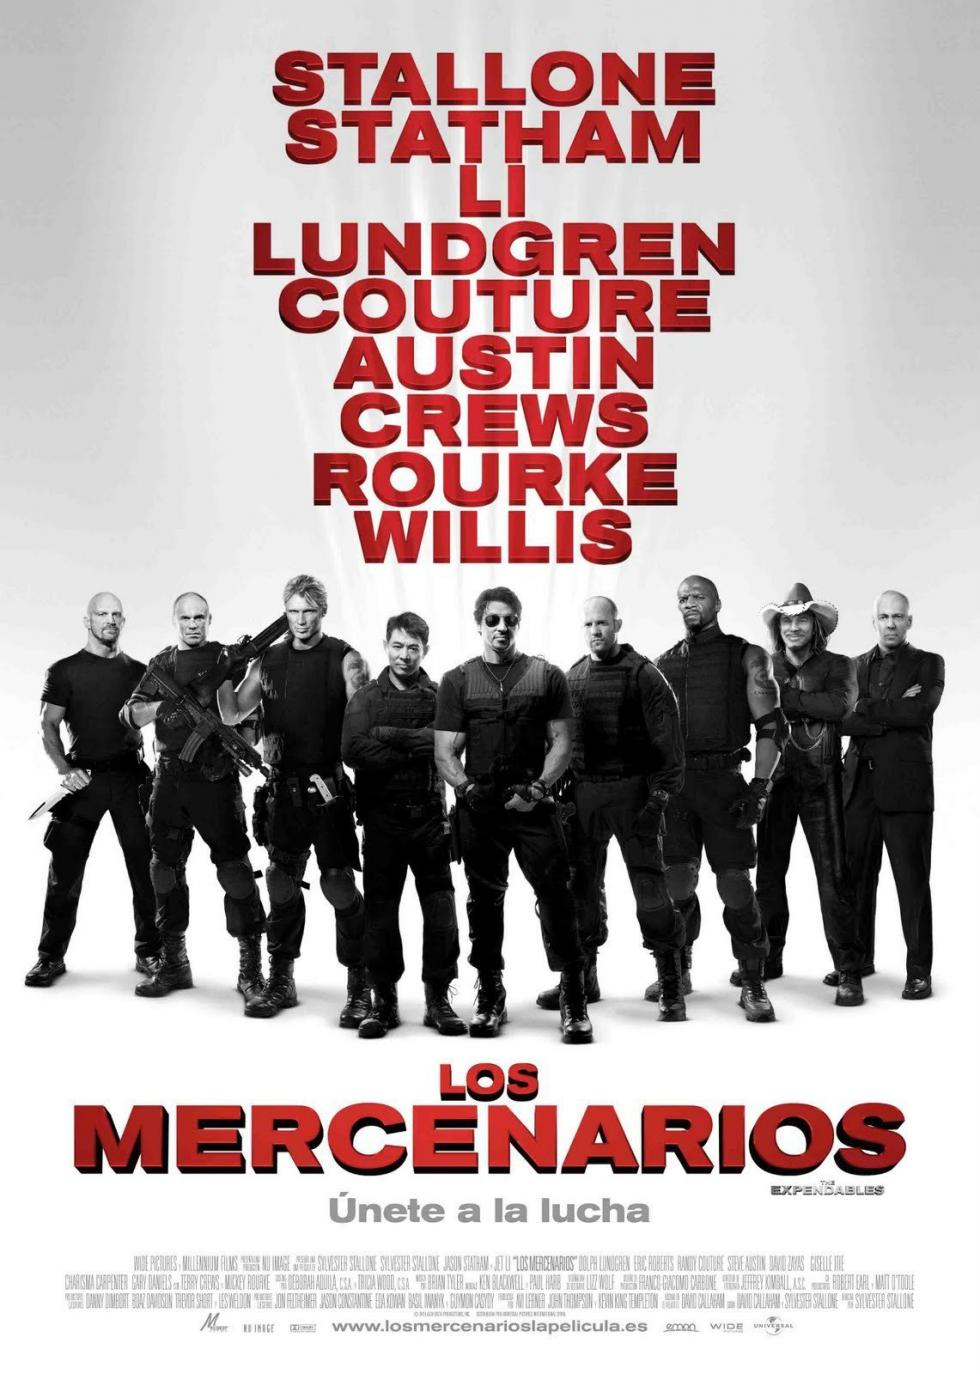 Los mercenarios